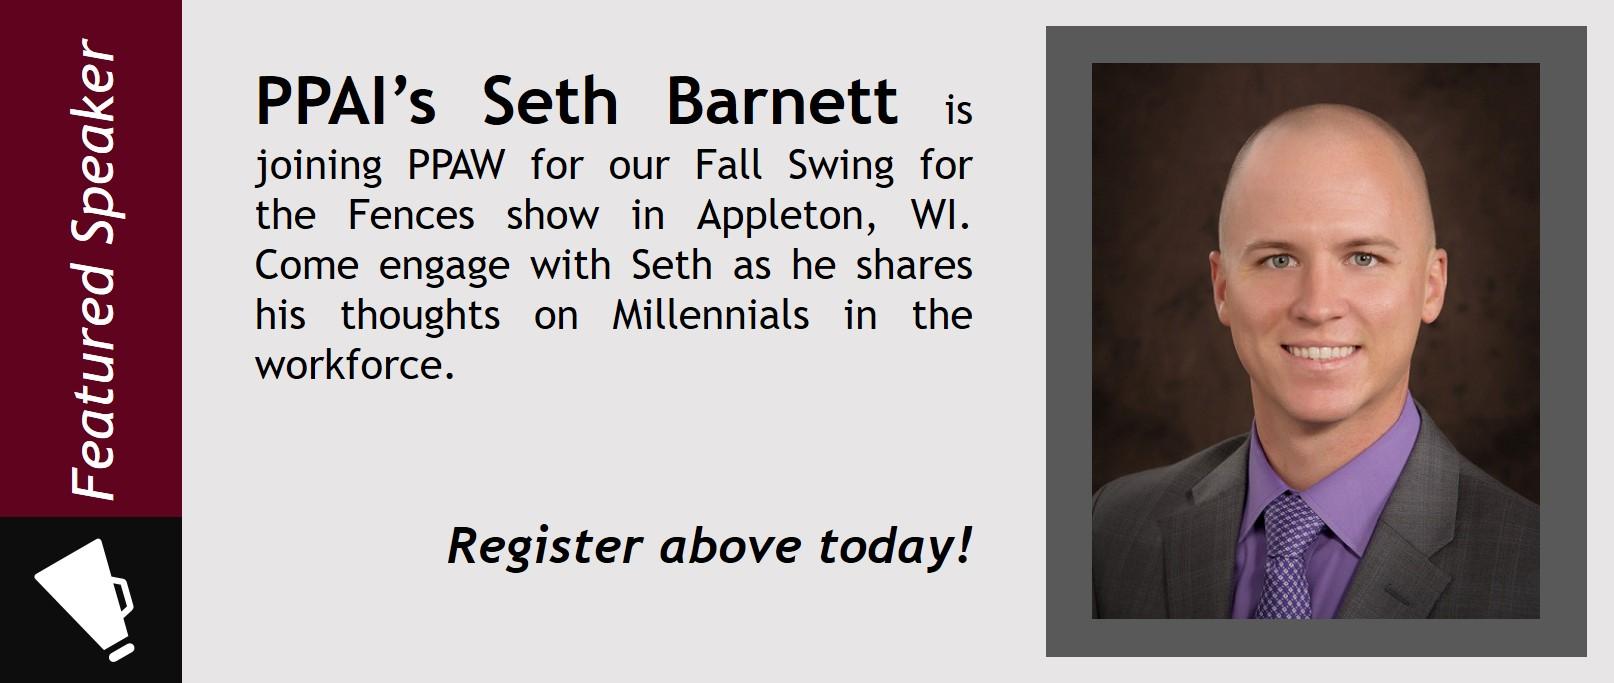 Seth Barnett PPAI